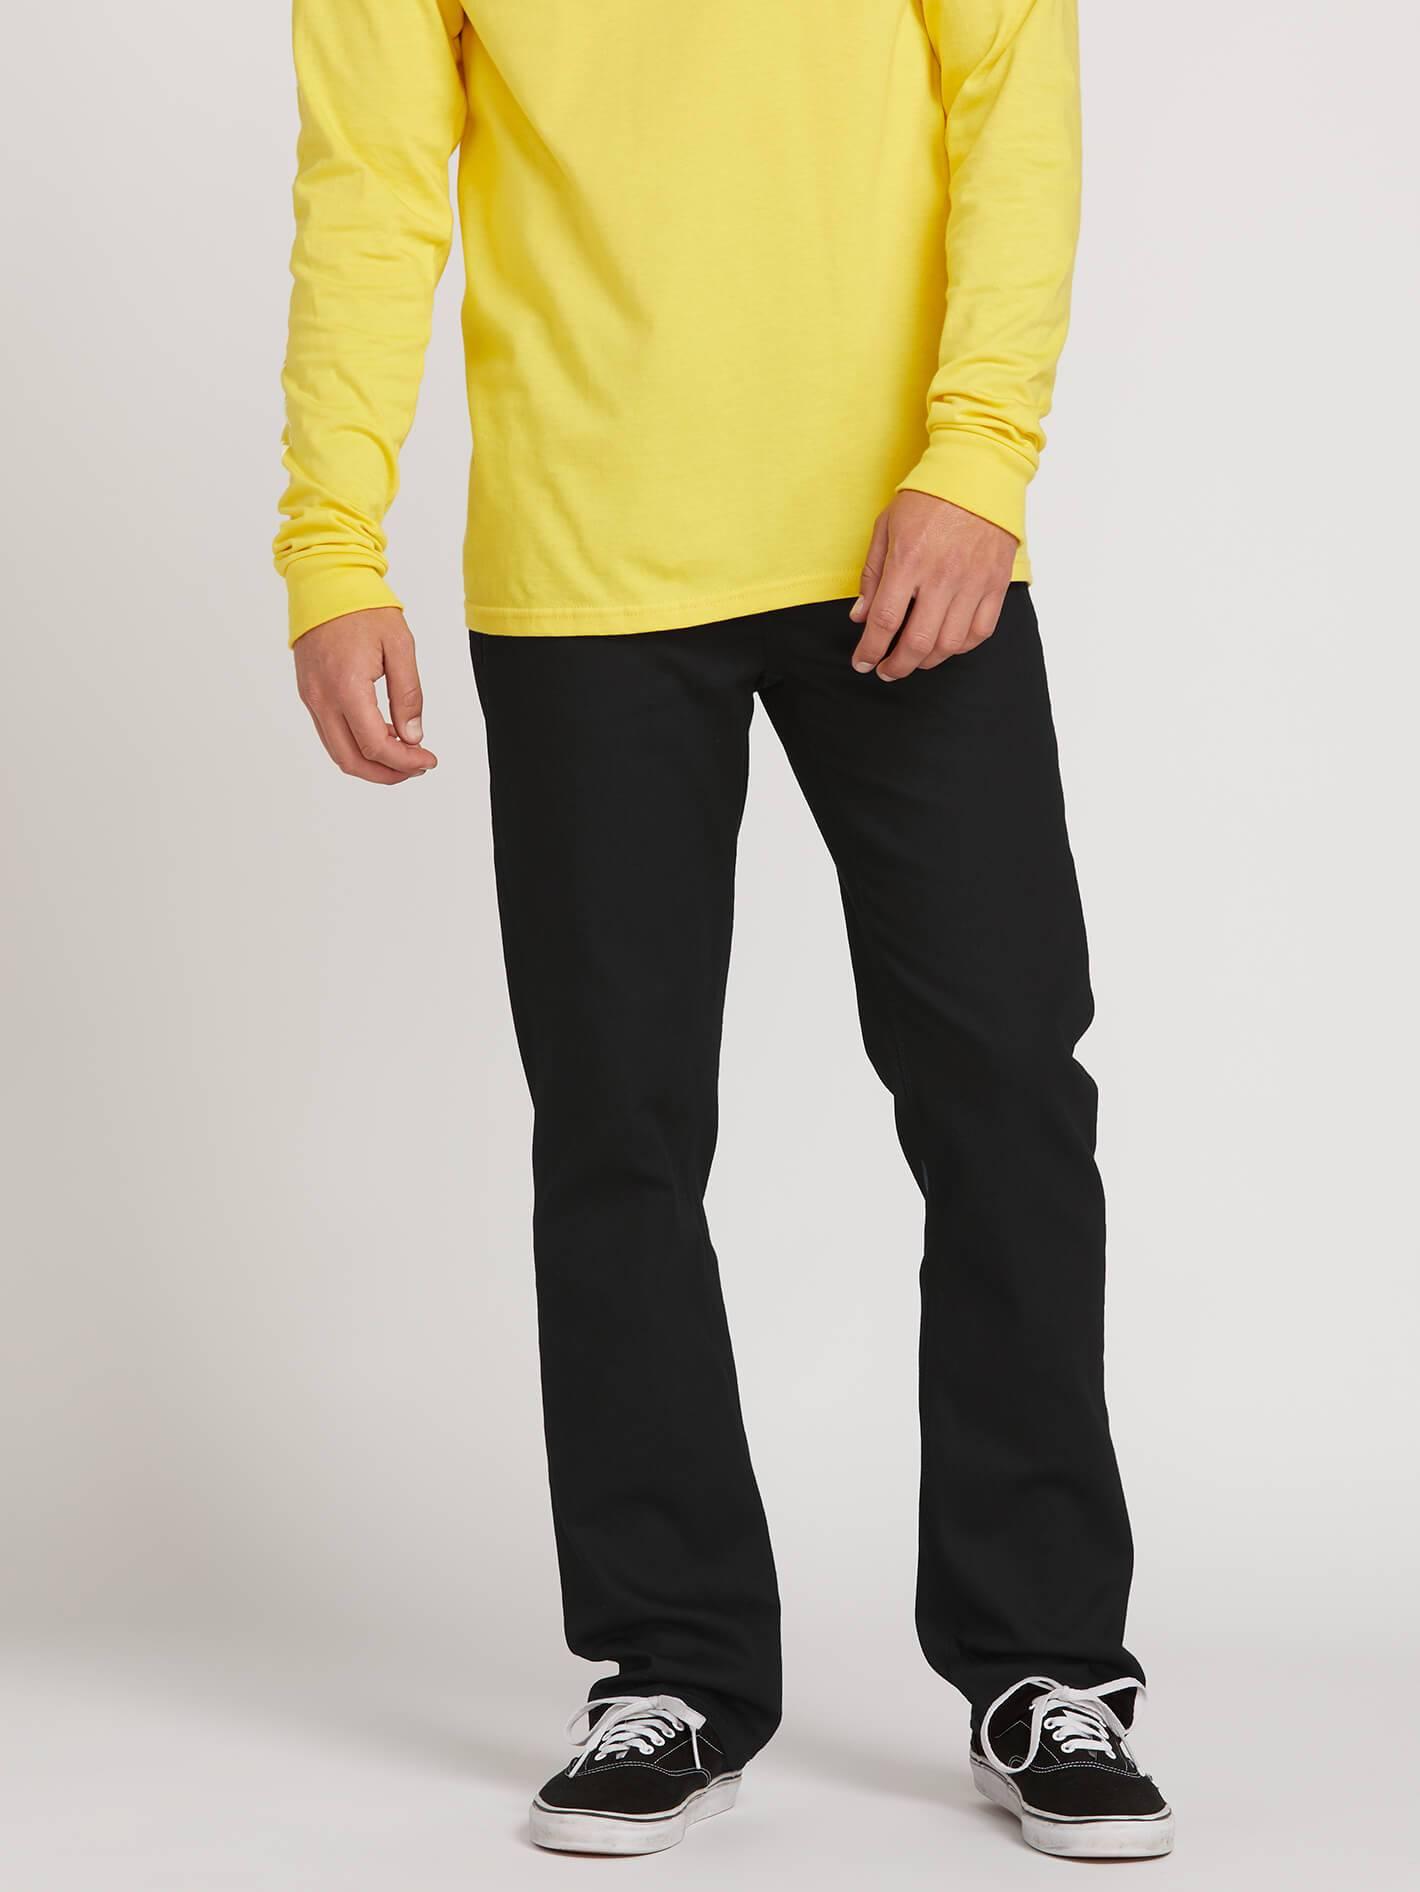 Solver Modern Fit Jeans - Black On Black - BLACK ON BLACK / 31 / 32